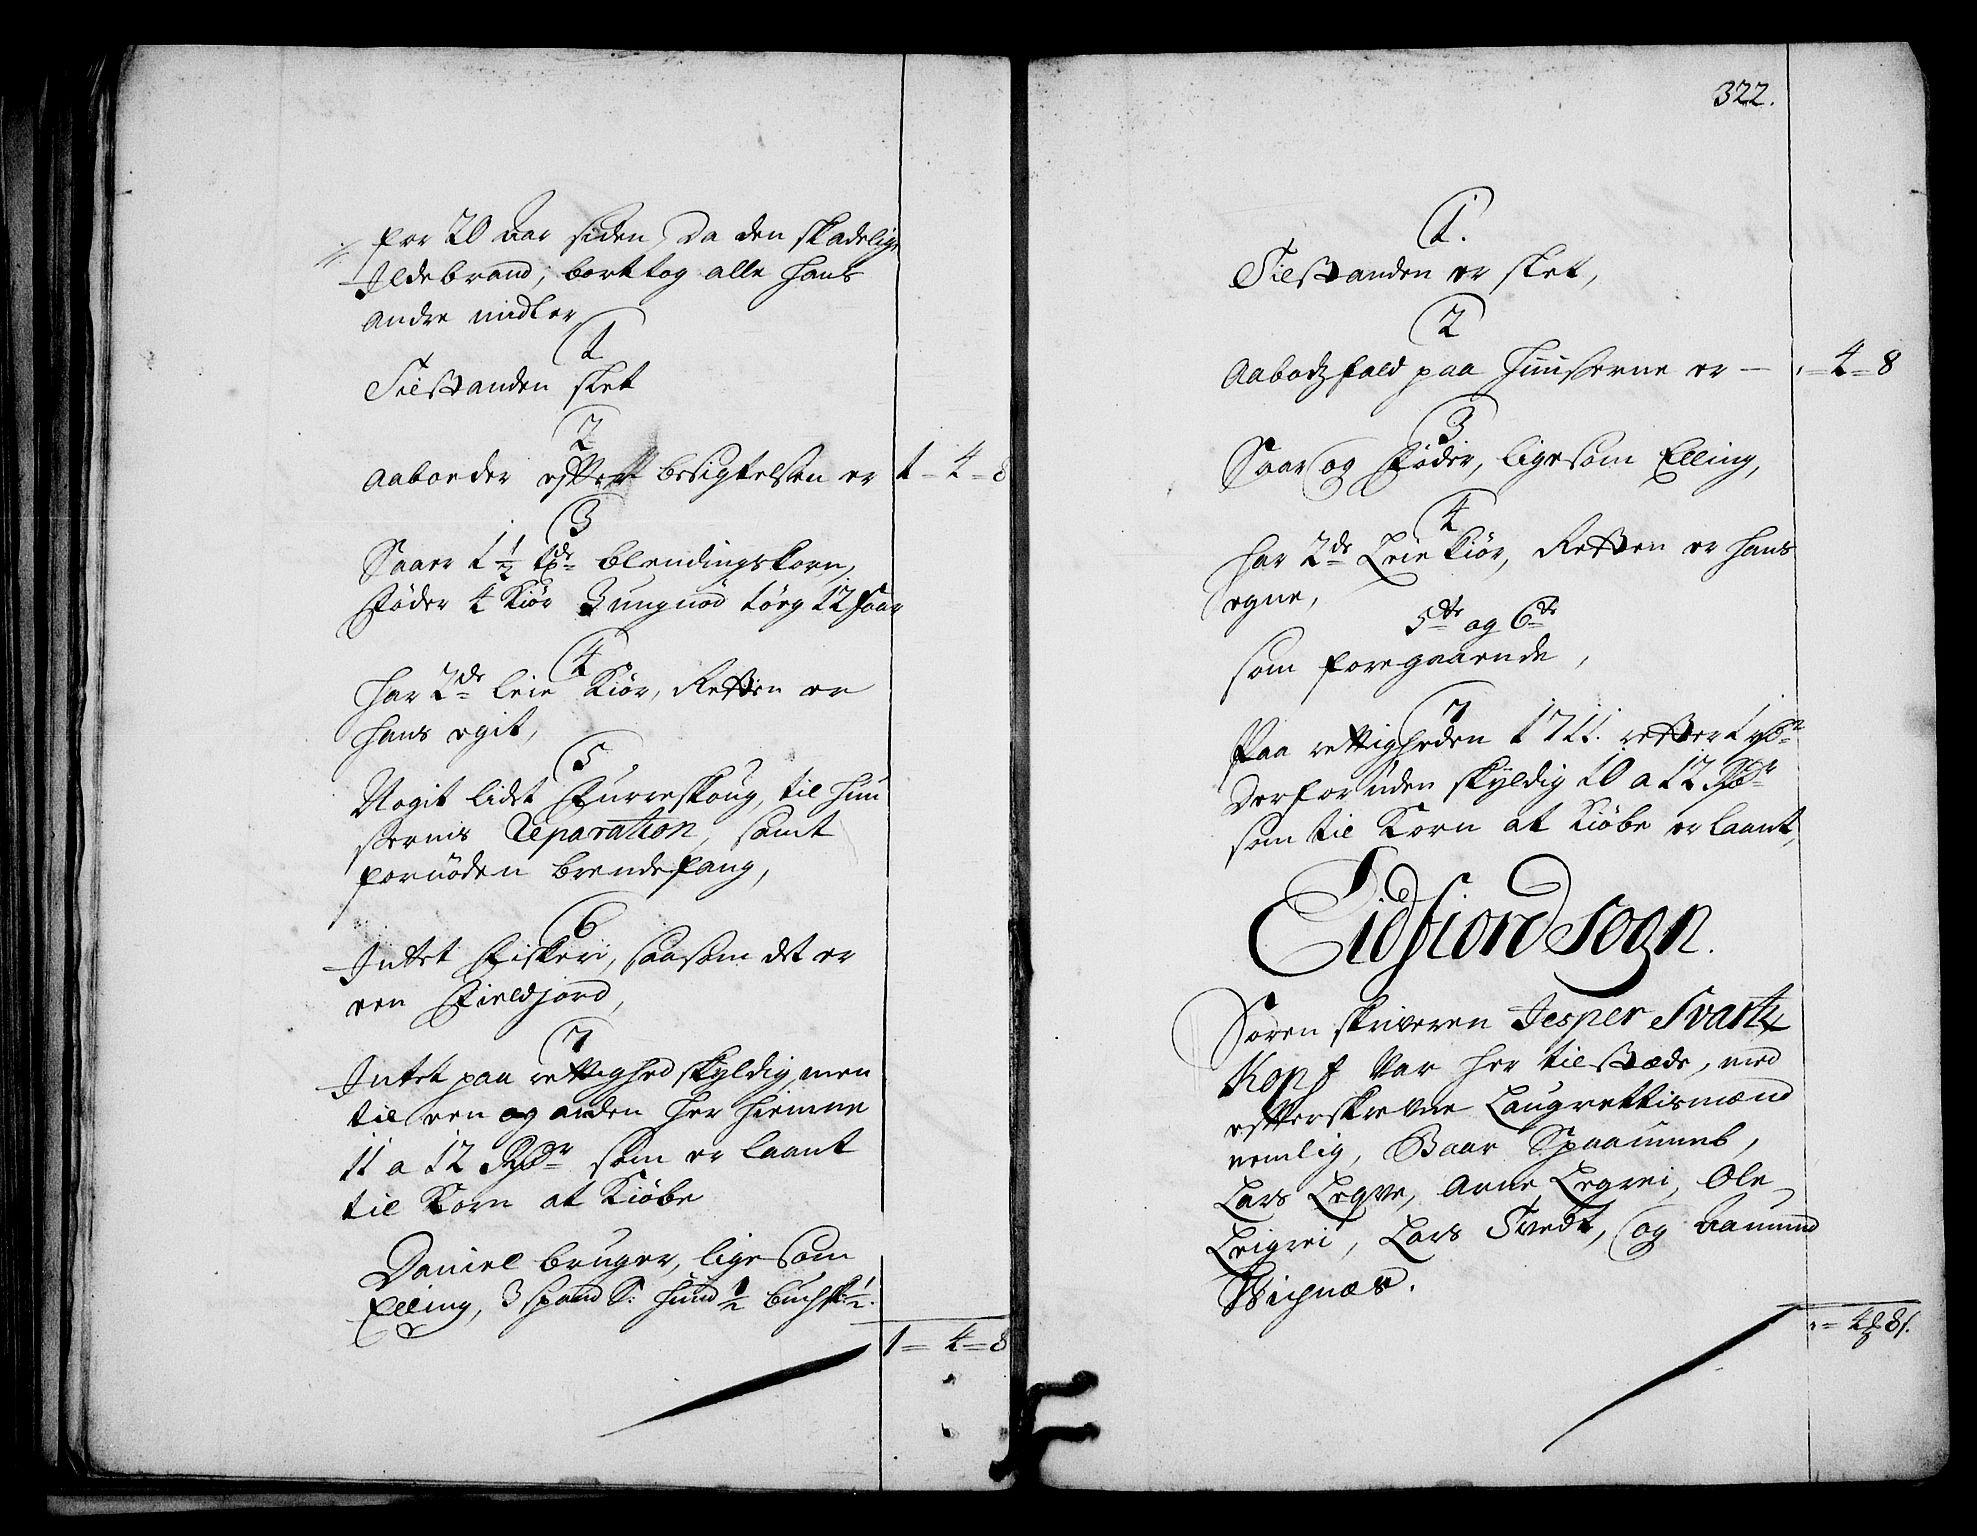 RA, Rentekammeret inntil 1814, Realistisk ordnet avdeling, On/L0003: [Jj 4]: Kommisjonsforretning over Vilhelm Hanssøns forpaktning av Halsnøy klosters gods, 1712-1722, s. 321b-322a